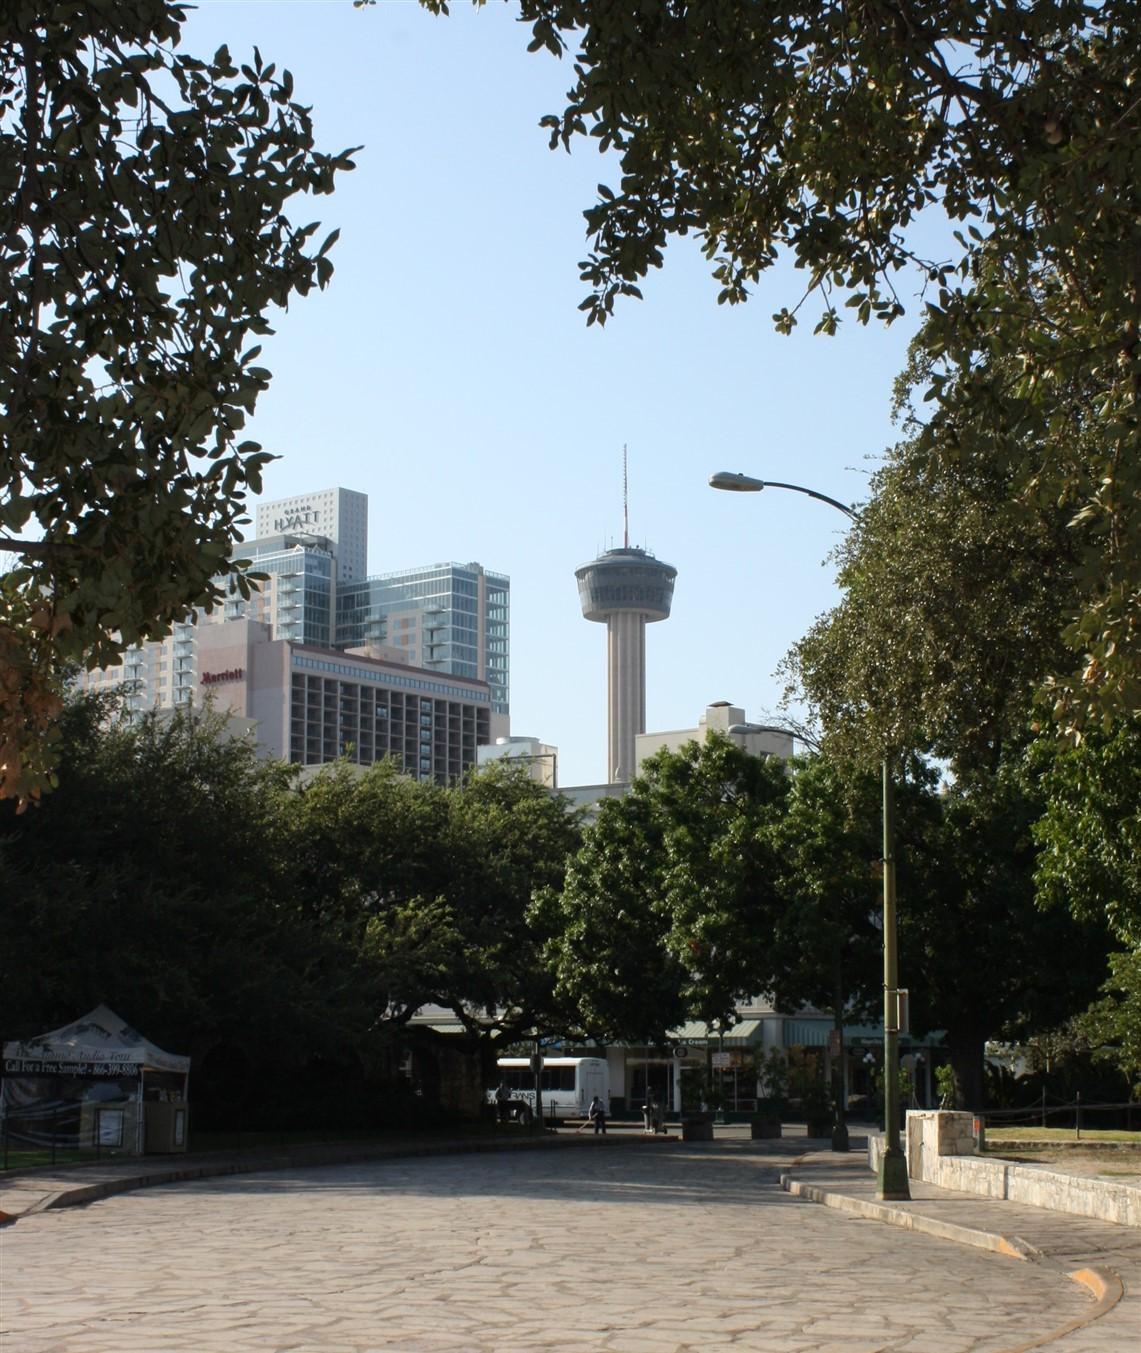 2009 08 27 3 San Antonio Alamo.jpg